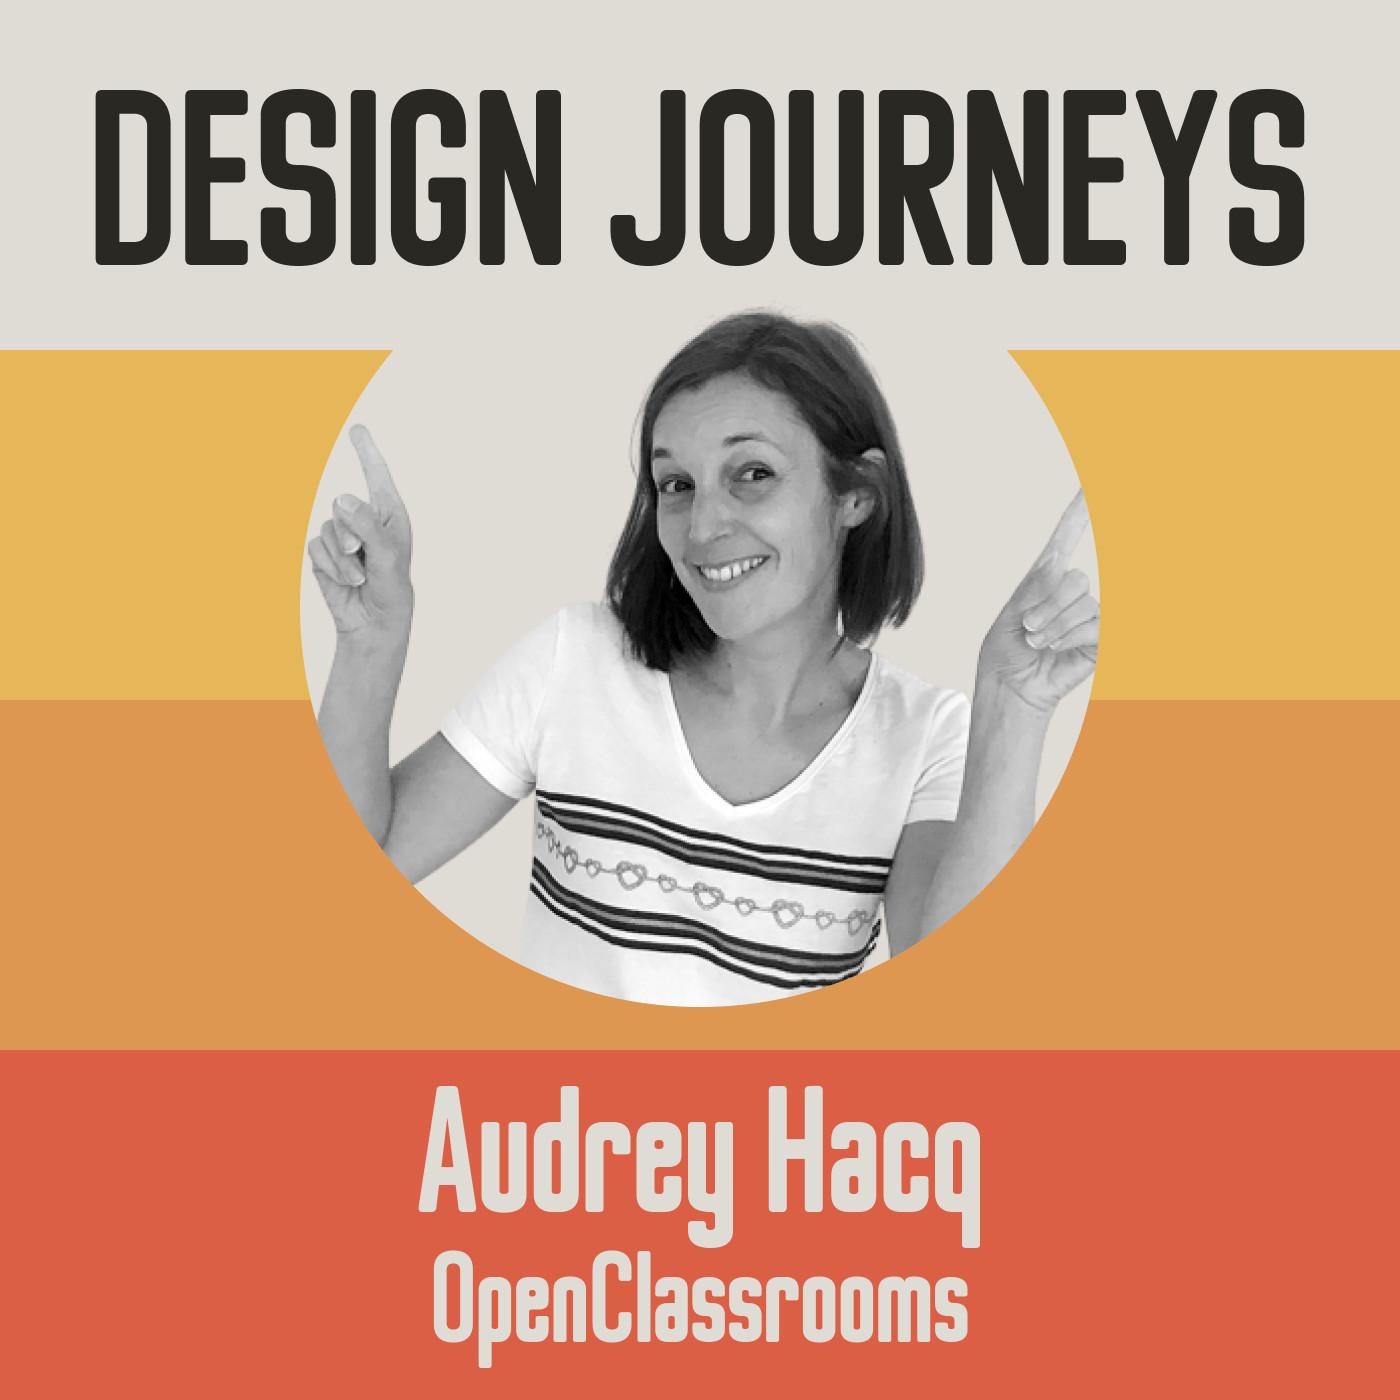 #15 (Partie 2) Audrey Hacq - OpenClassrooms - Développer les compétences de son équipe grâce à l'apprentissage continu